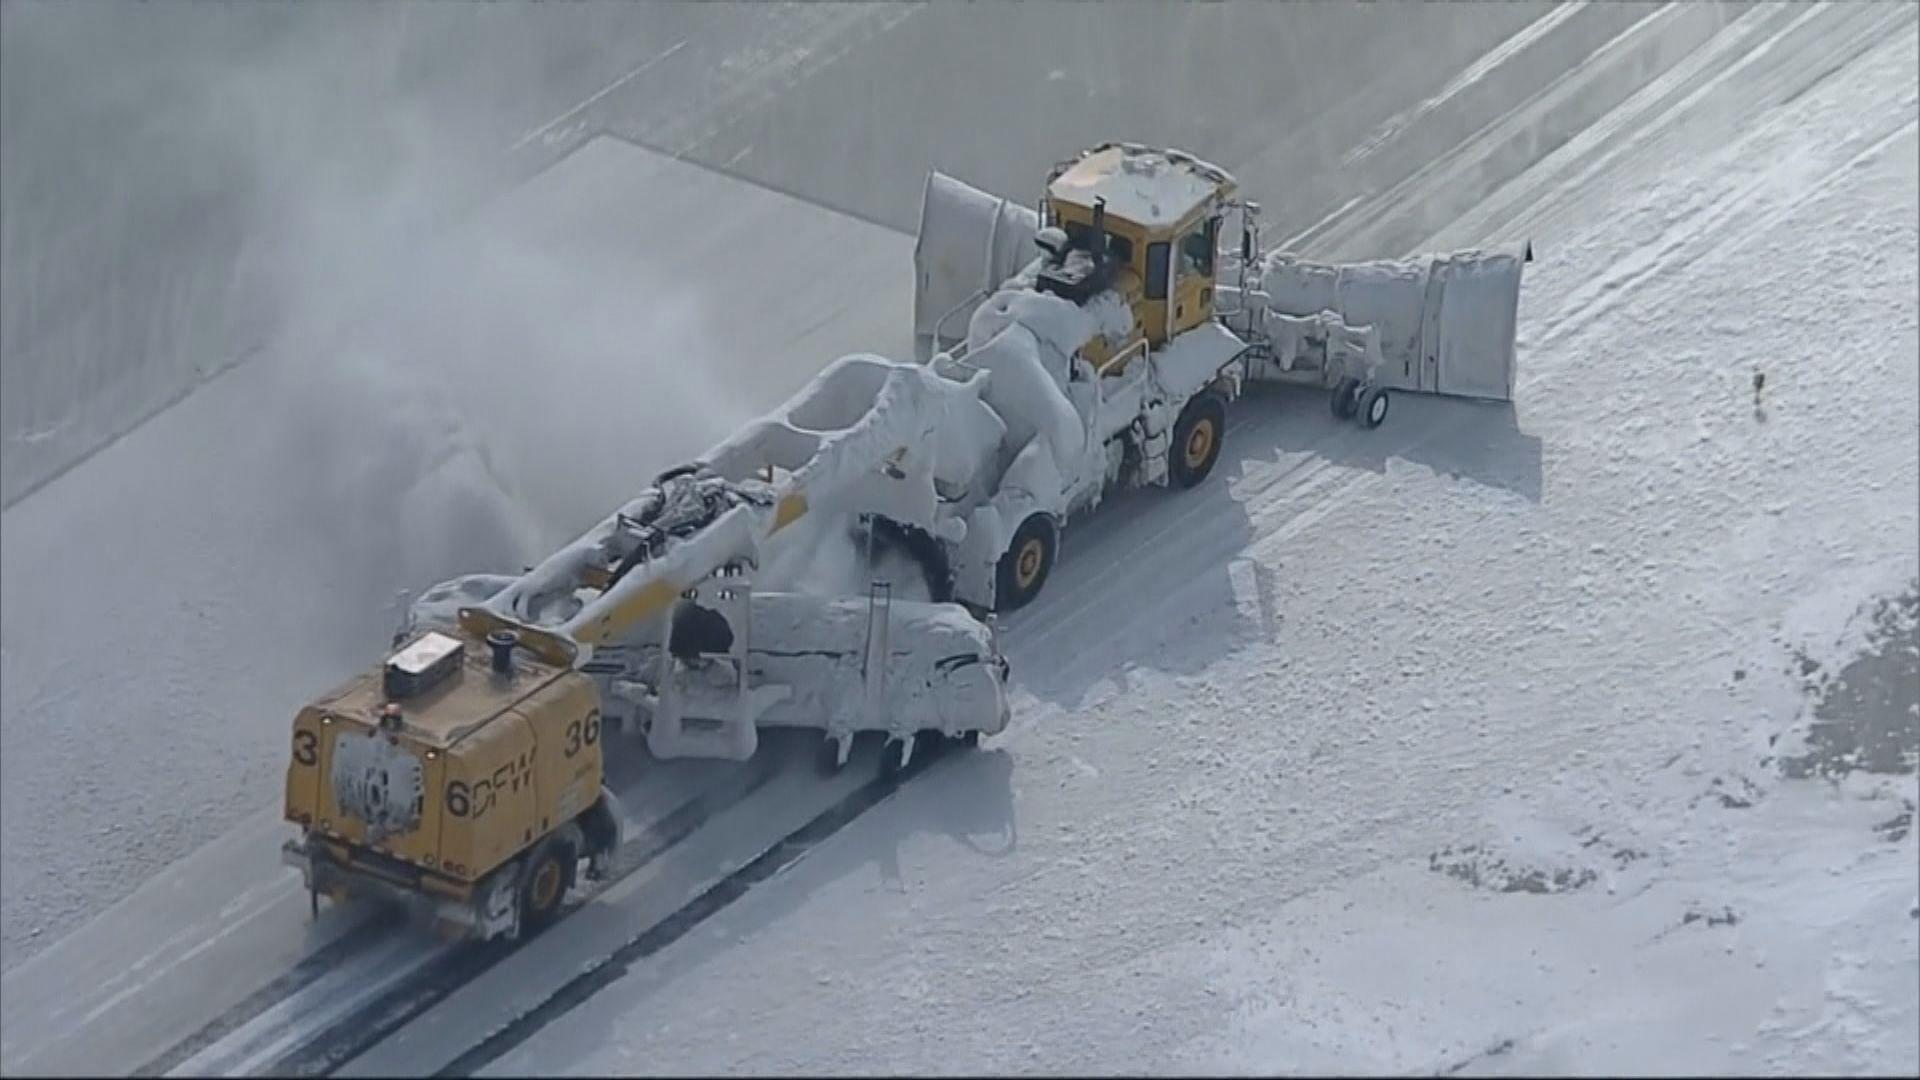 美國得州受暴風雪吹襲致大規模停電 電價飆升百倍